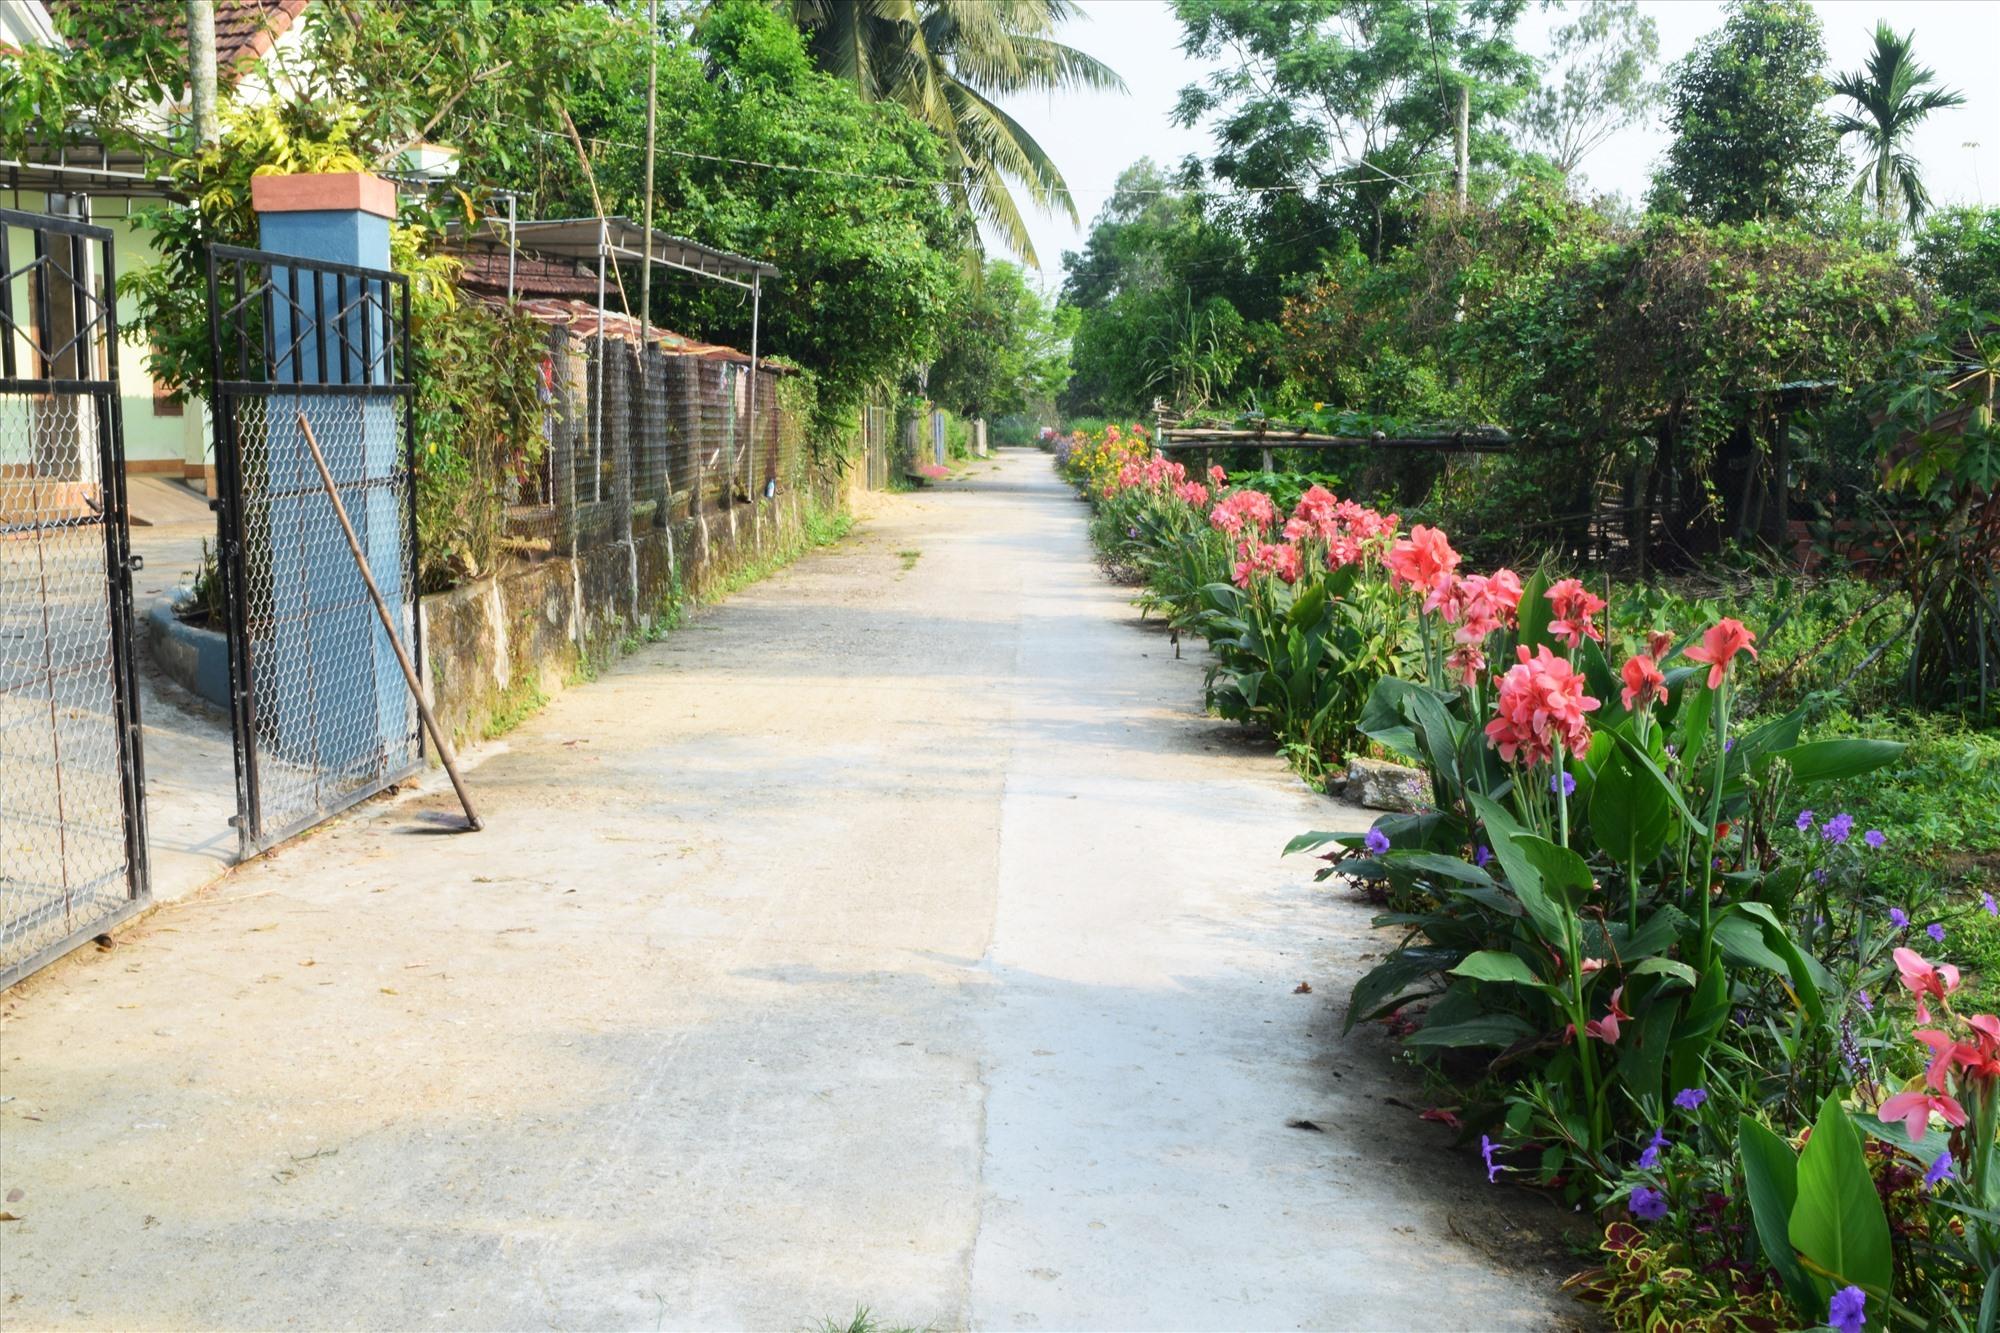 Các loại hoa khoe sắc trên tuyến đường thanh niên kiểu mẫu của Đoàn xã Tam Vinh. Ảnh: THÁI CƯỜNG